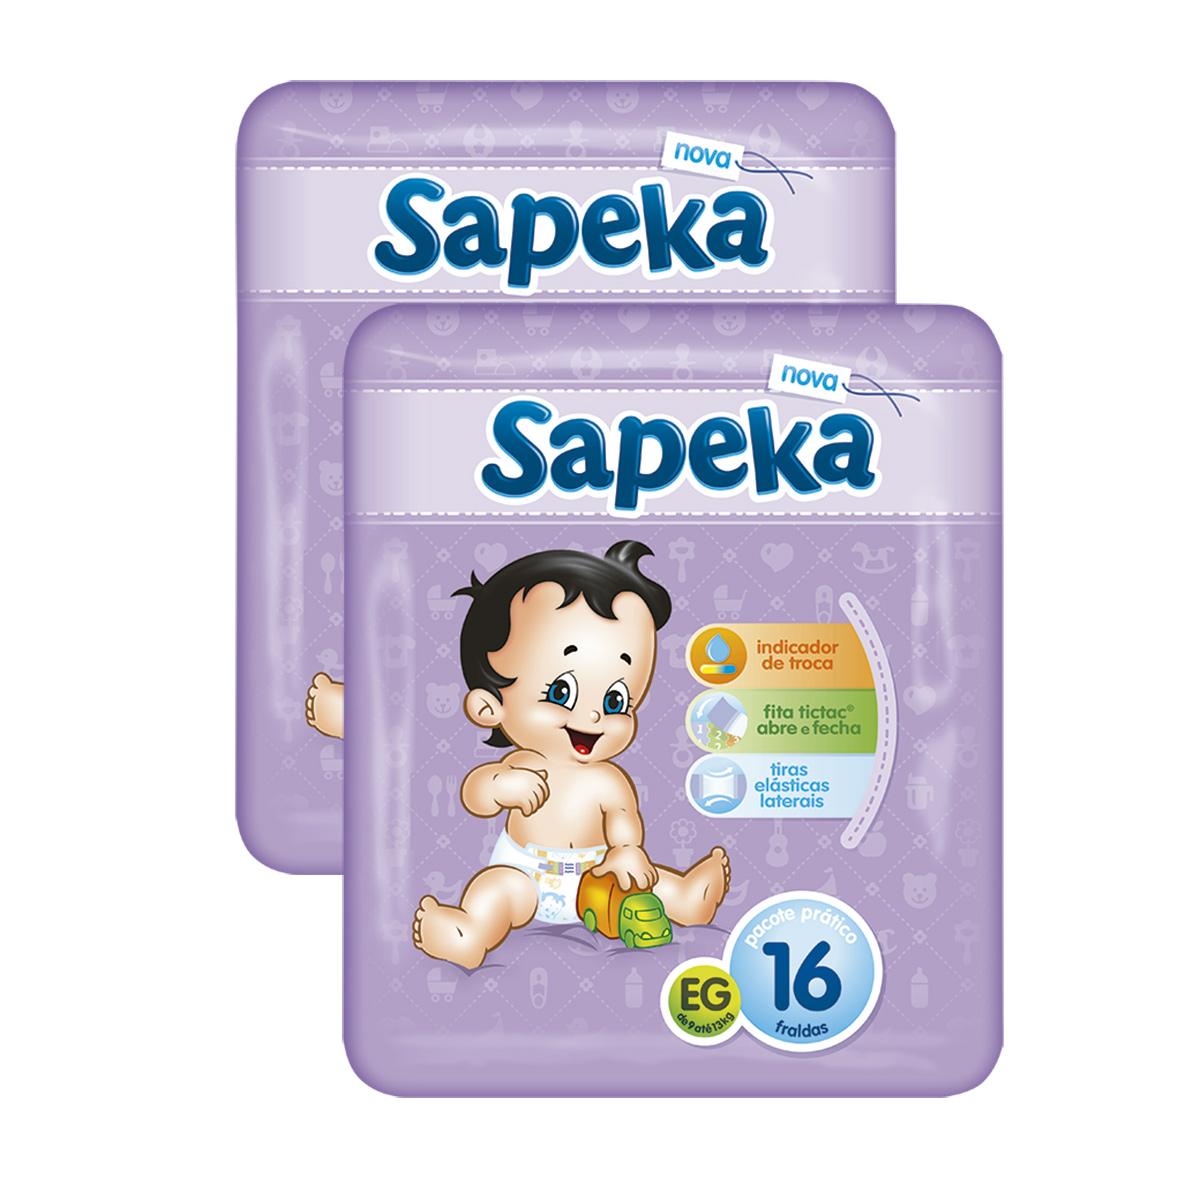 1e2f2c7ef Kit com 2 Fraldas SAPEKA Pratica Extra Grande Pacote com 16 Unidades Cada